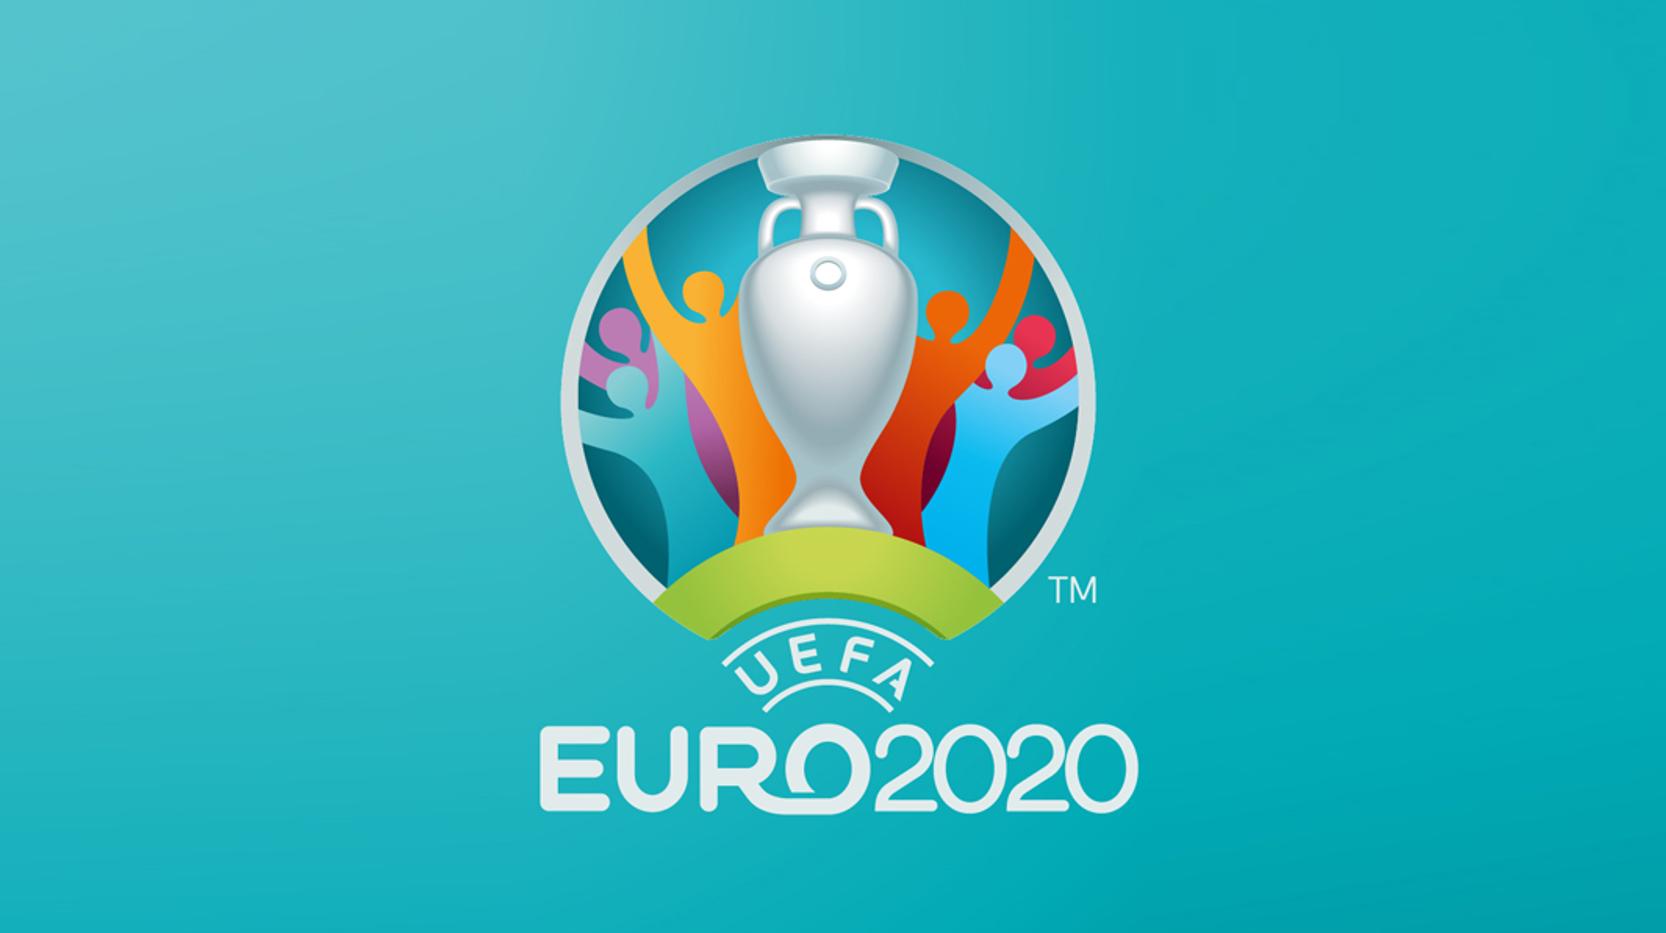 Especial Desporto - Qualificação Euro 2020